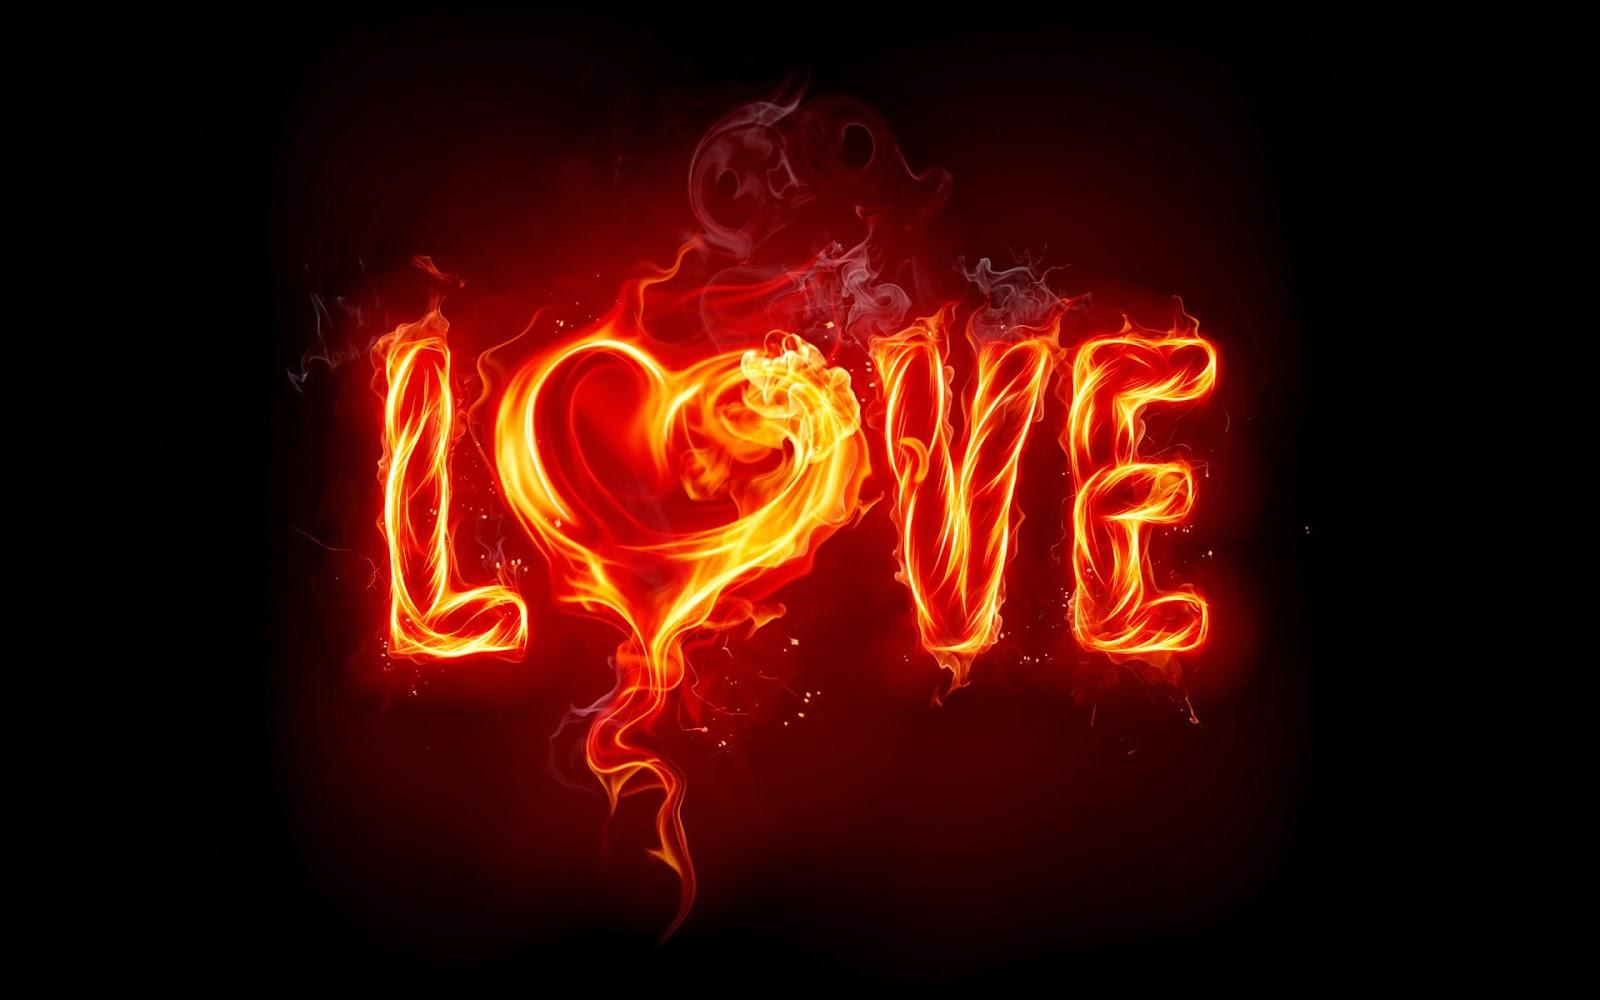 Heart On Fire Heart on fire  hd wallpaper 1600x1000